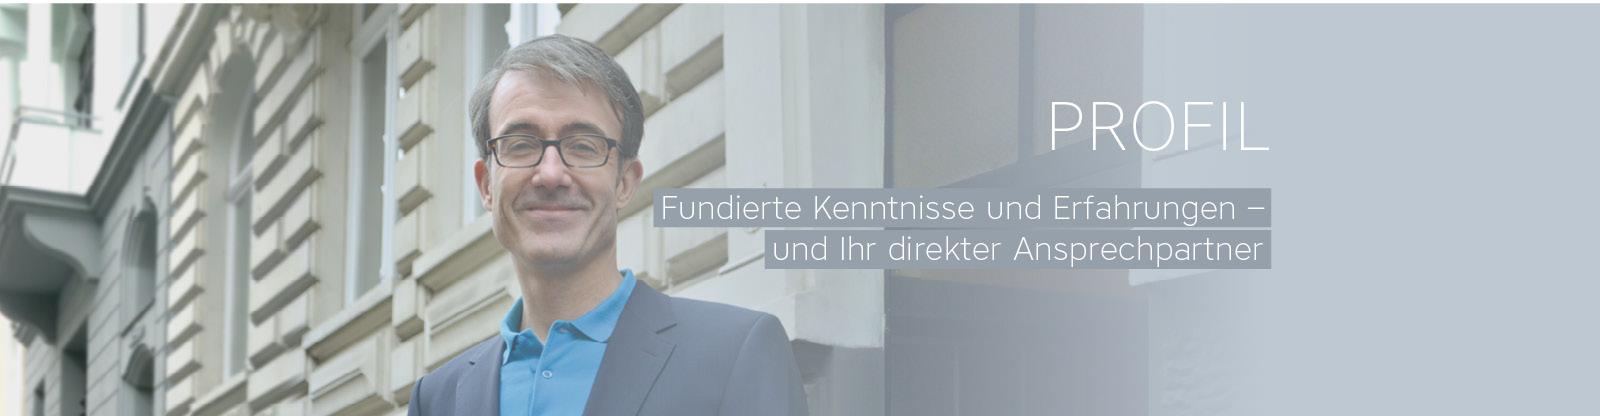 header_aufmacher_profil_2